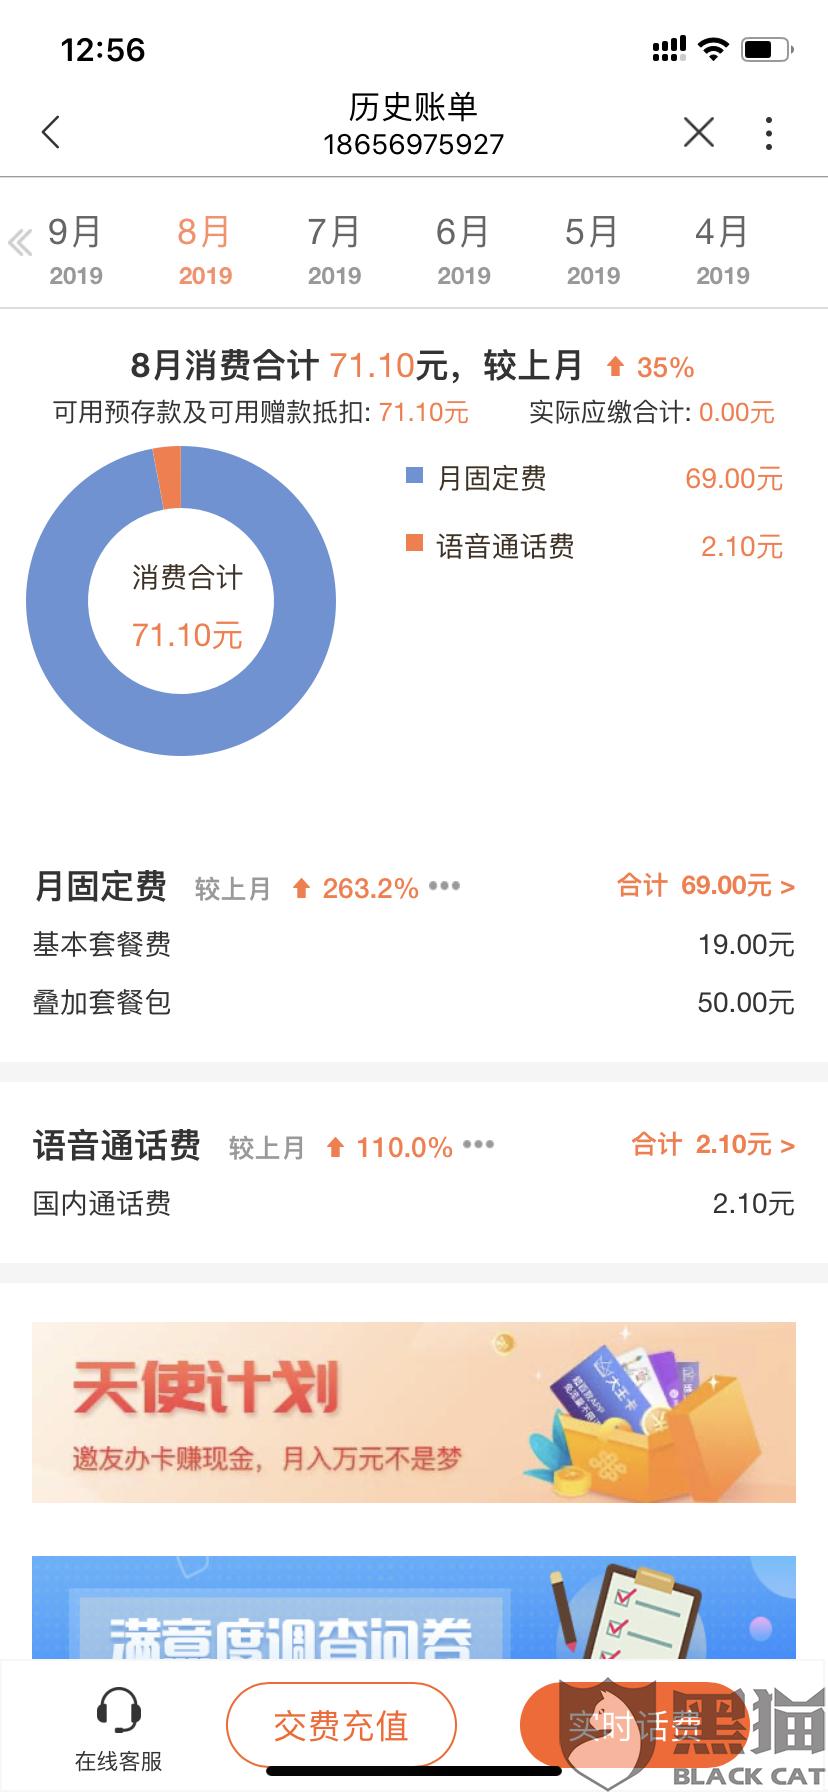 黑猫投诉:中国联通私自增加叠加包套餐